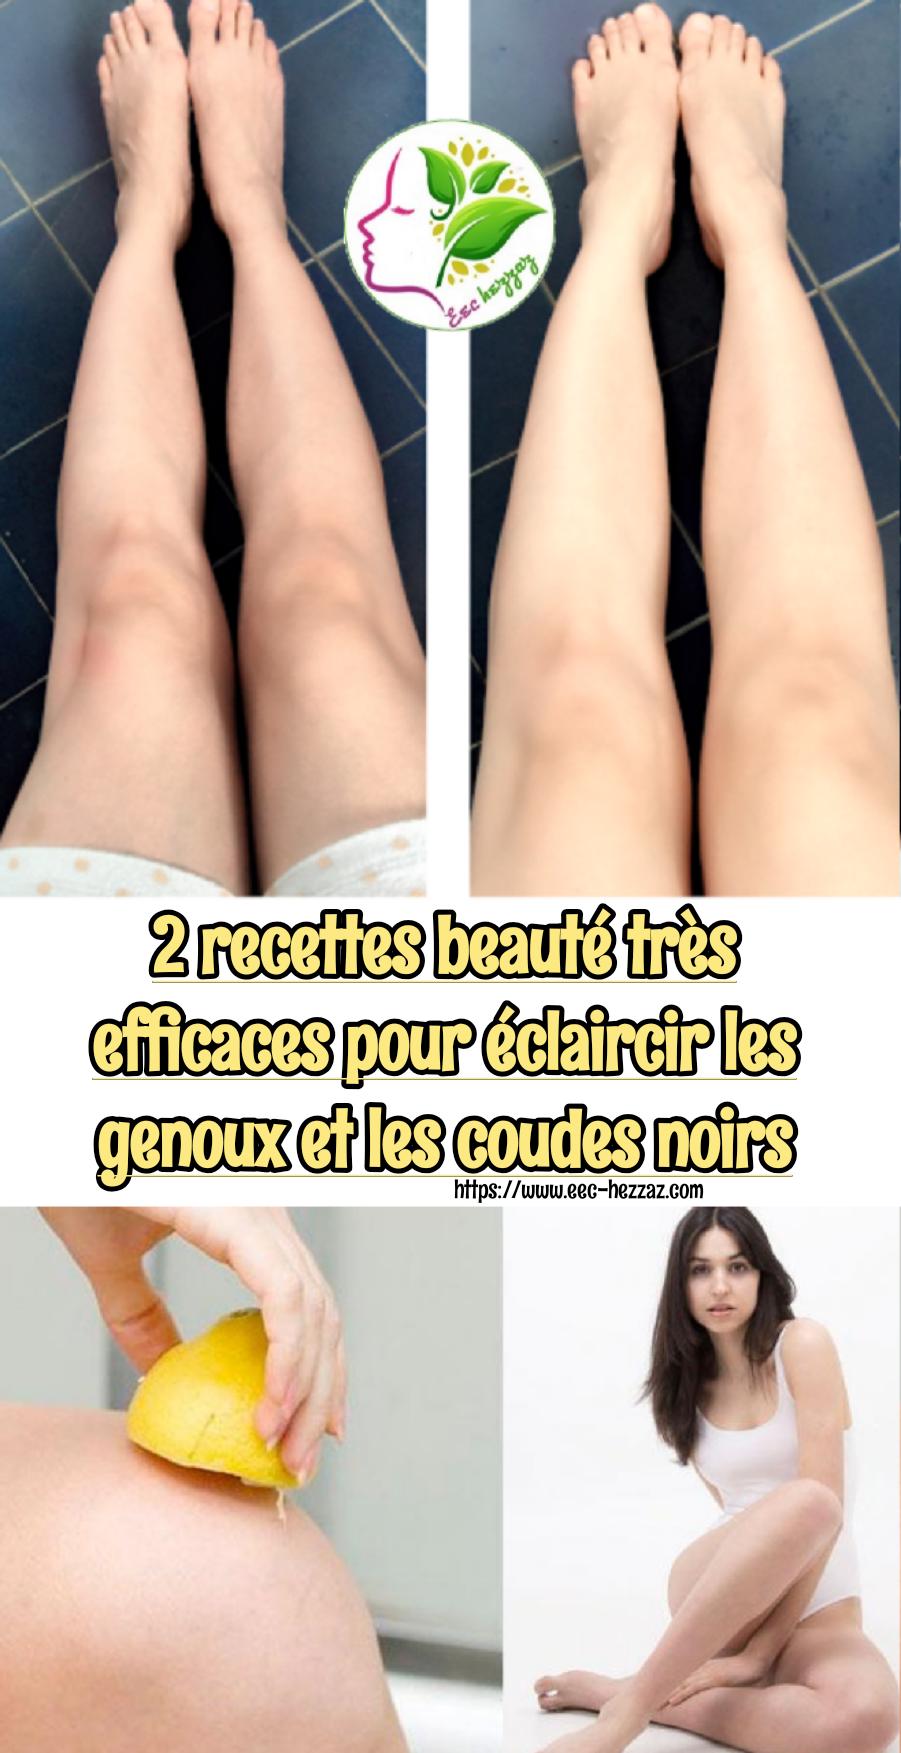 2 recettes beauté très efficaces pour éclaircir les genoux et les coudes noirs